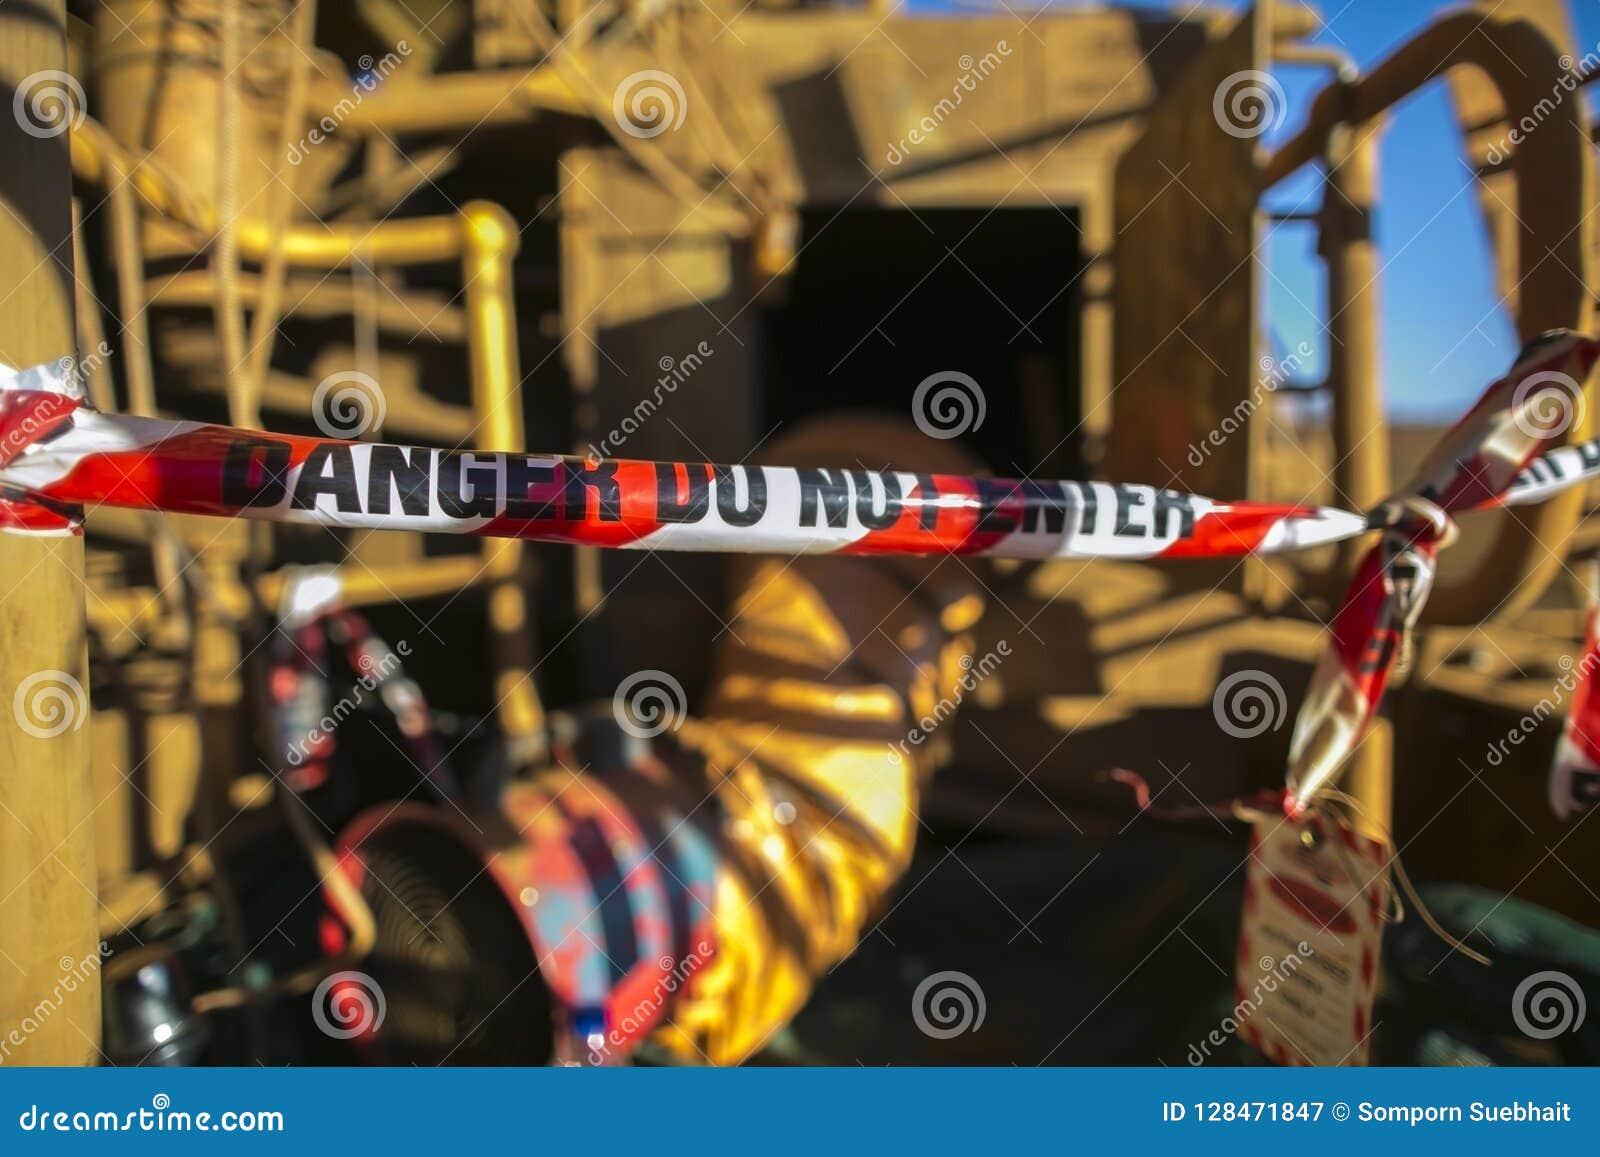 在局限的空间入口的危险红色和白色磁带护拦无人居住区批准了只有人员